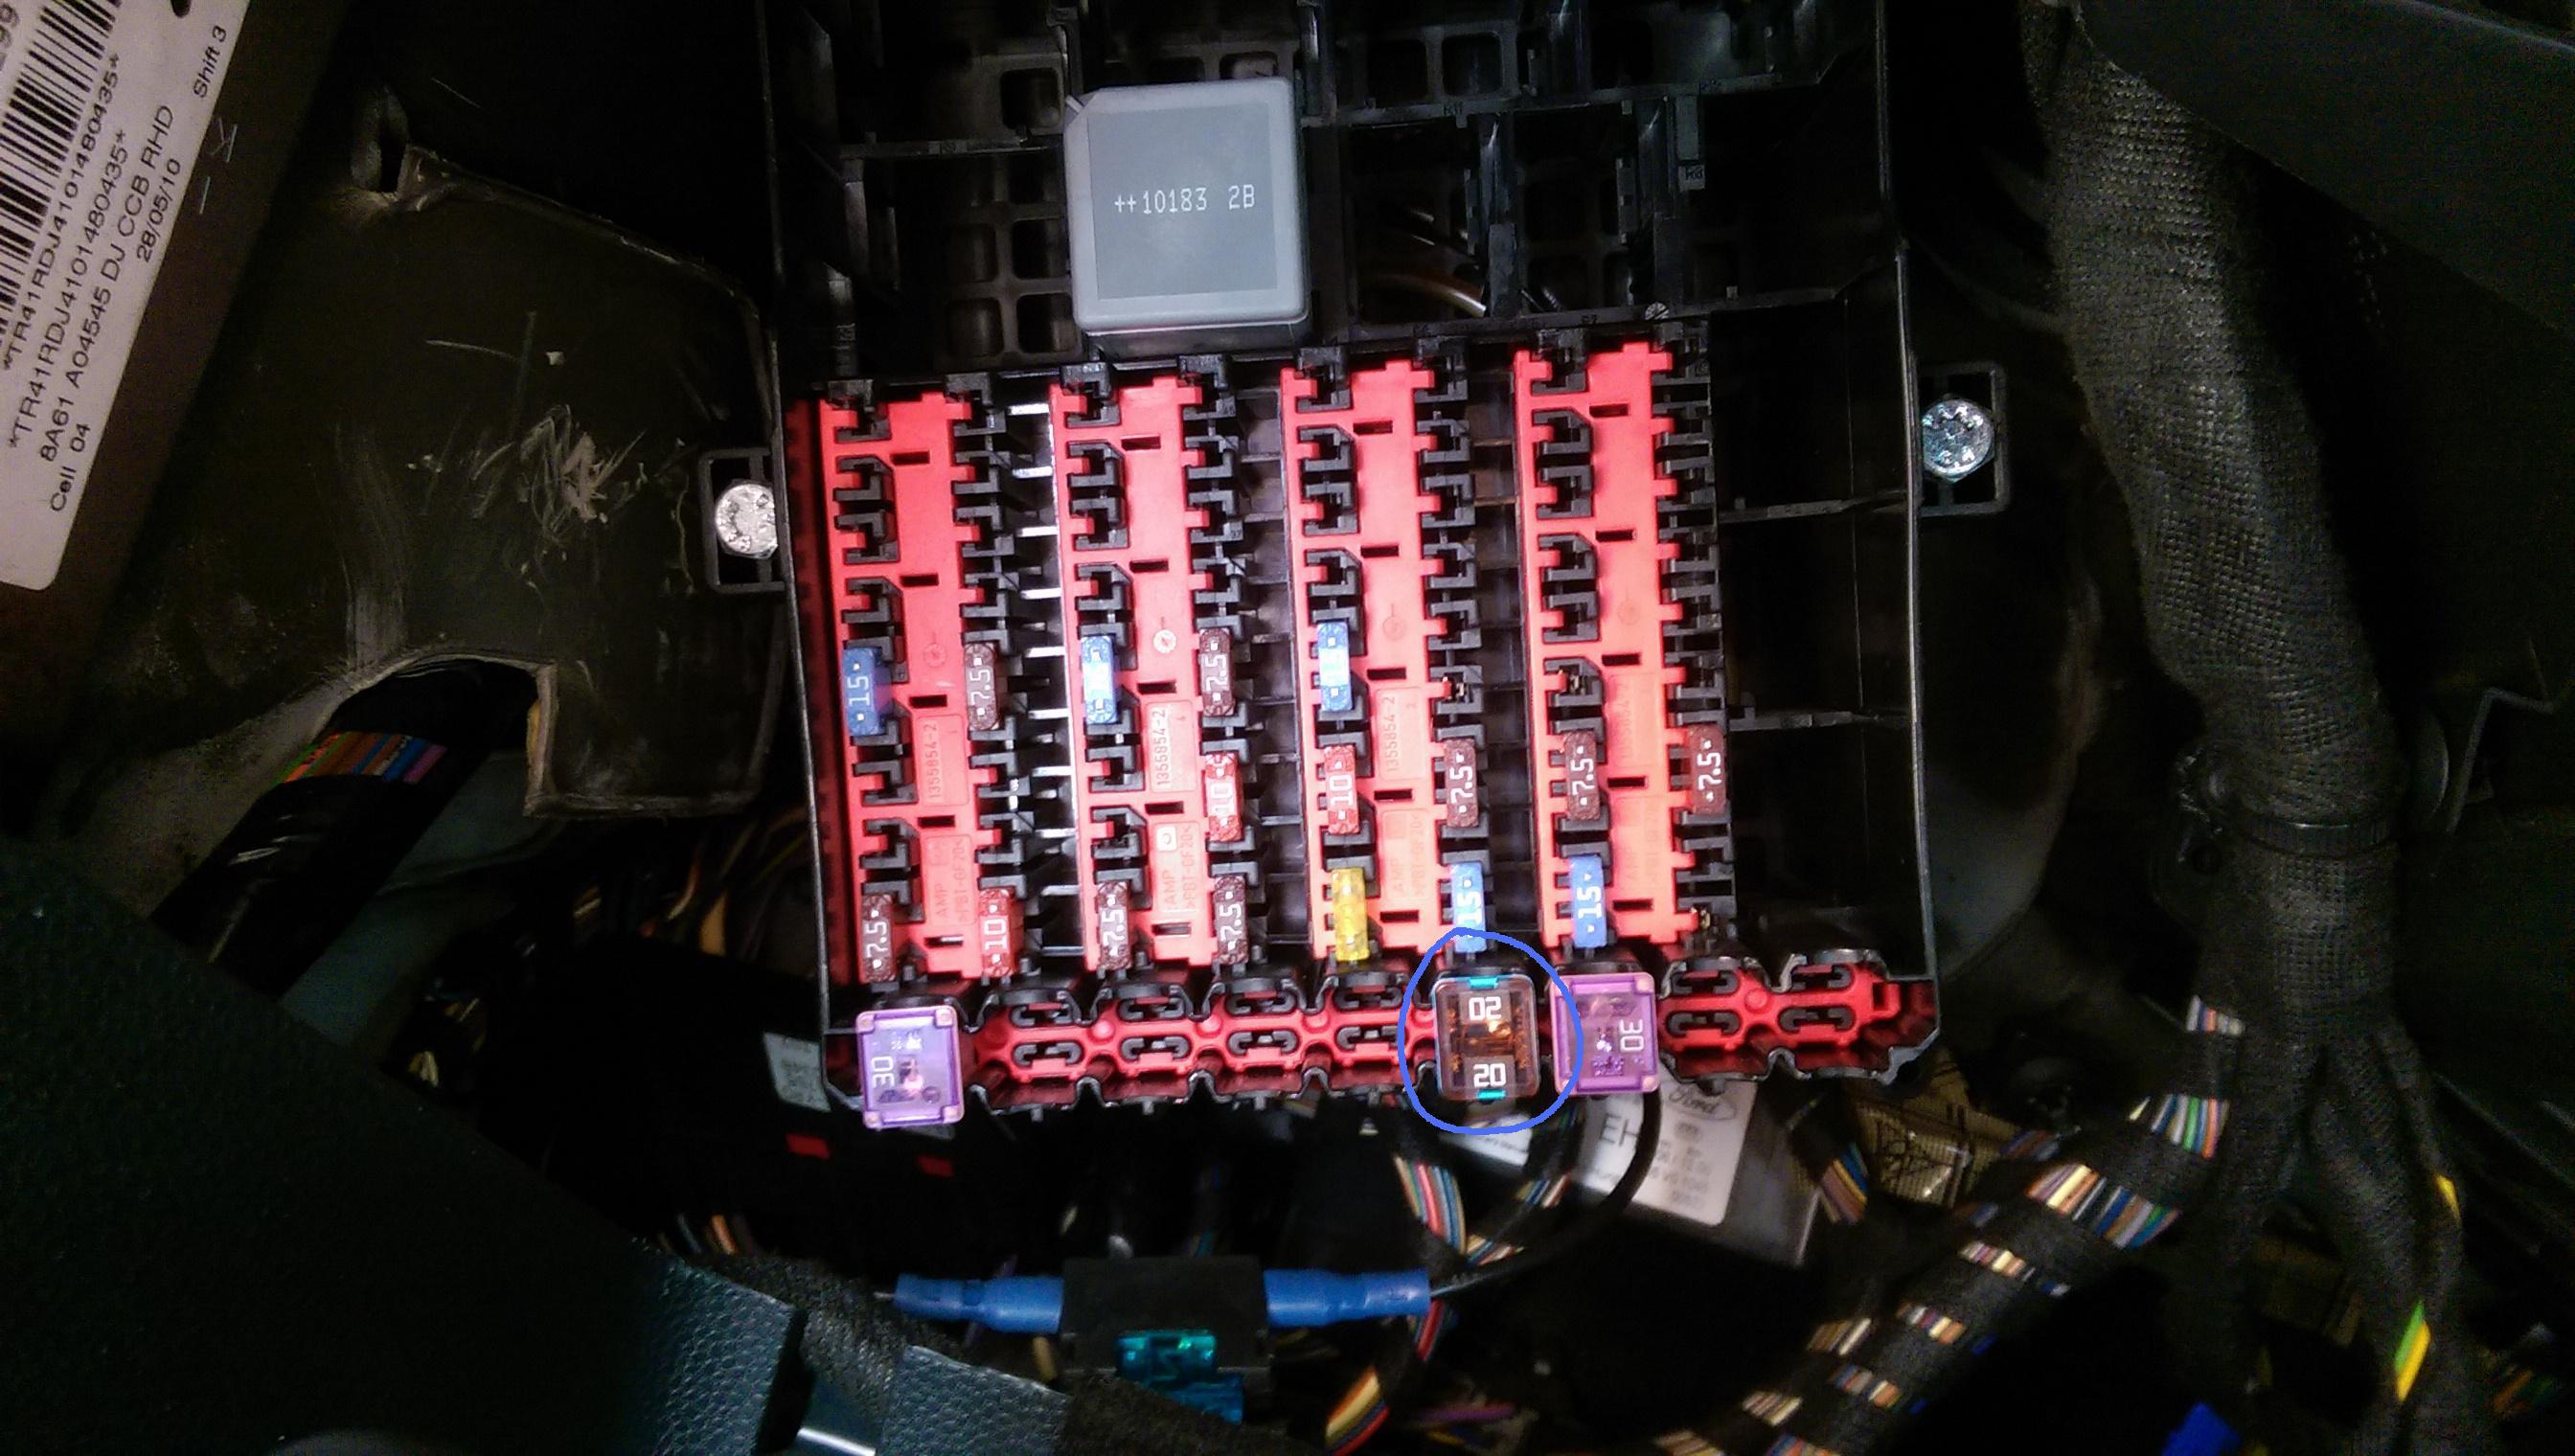 fiesta 12v socket not working - ford fiesta club - ford owners club - ford  forums  ford owners club